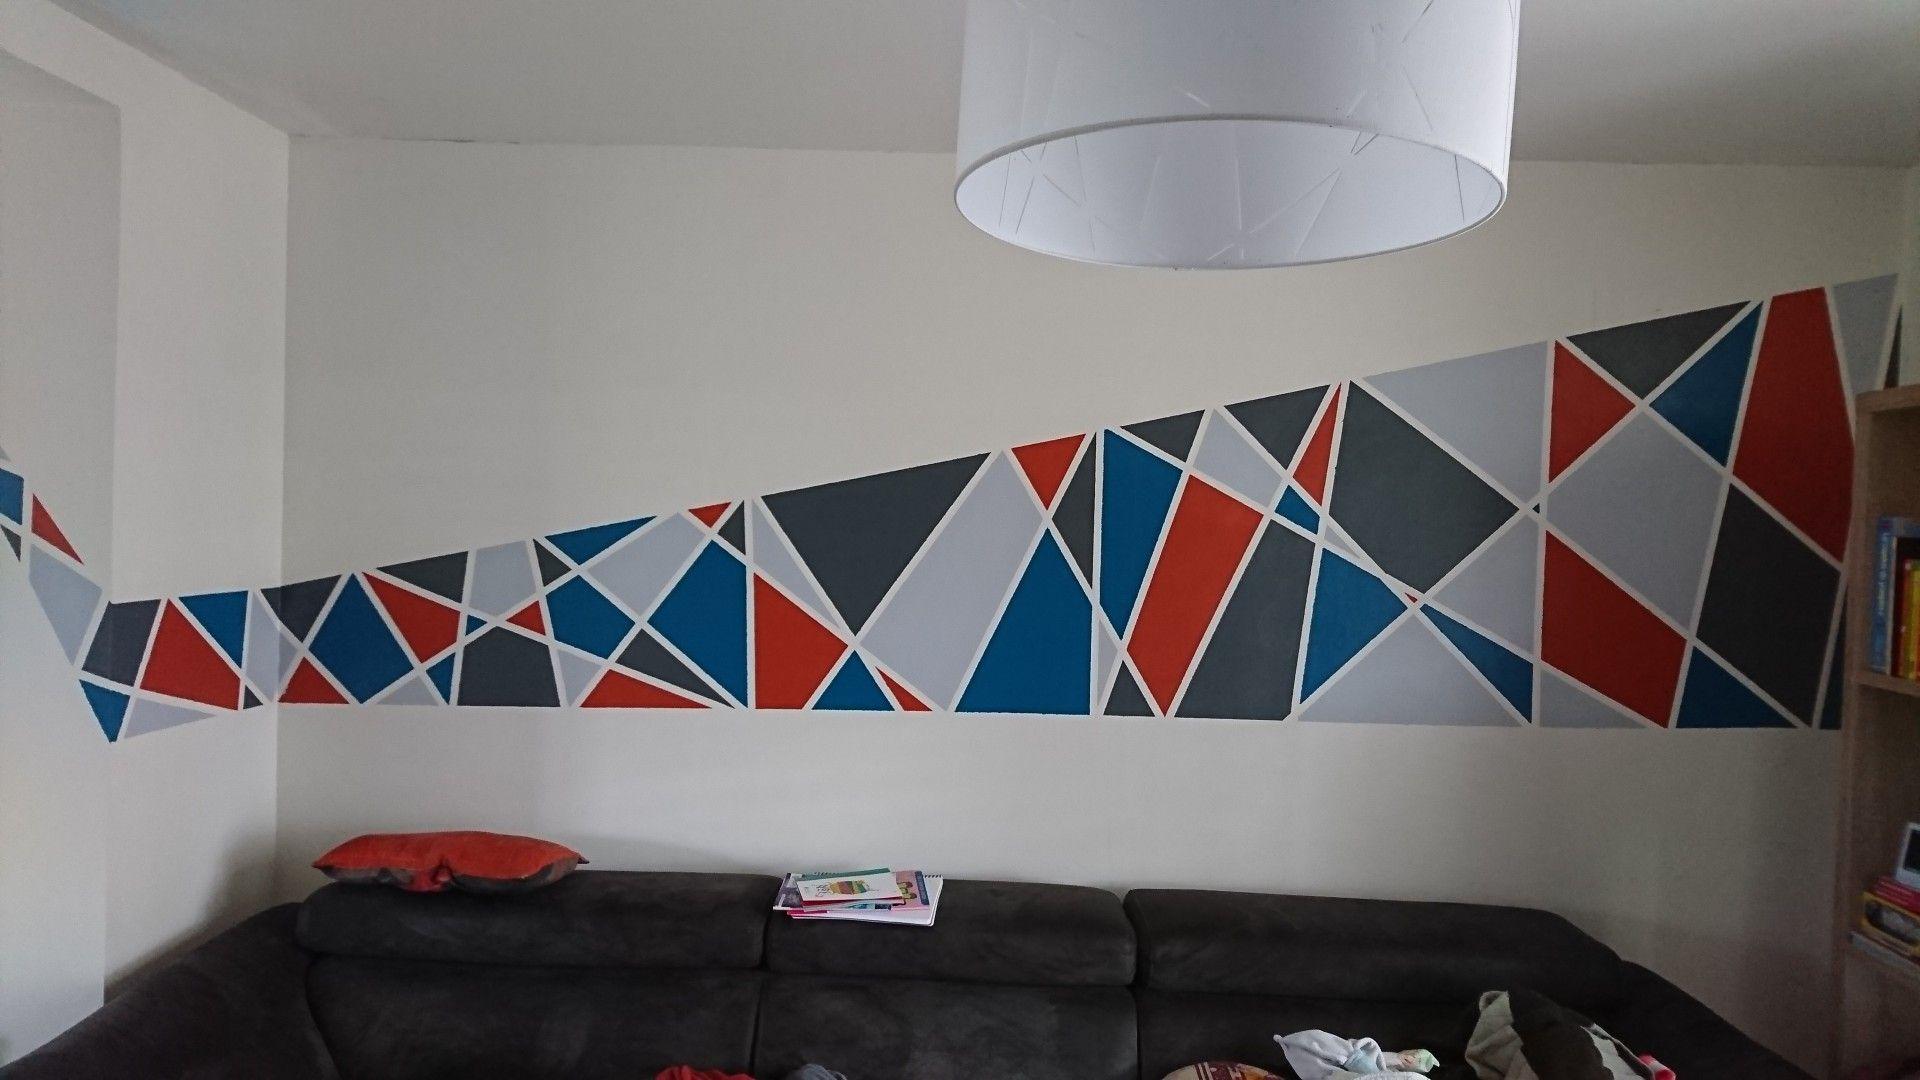 Mur Geometrique Triangle Gris Clair Et Fonce Rouge Bleu Mur